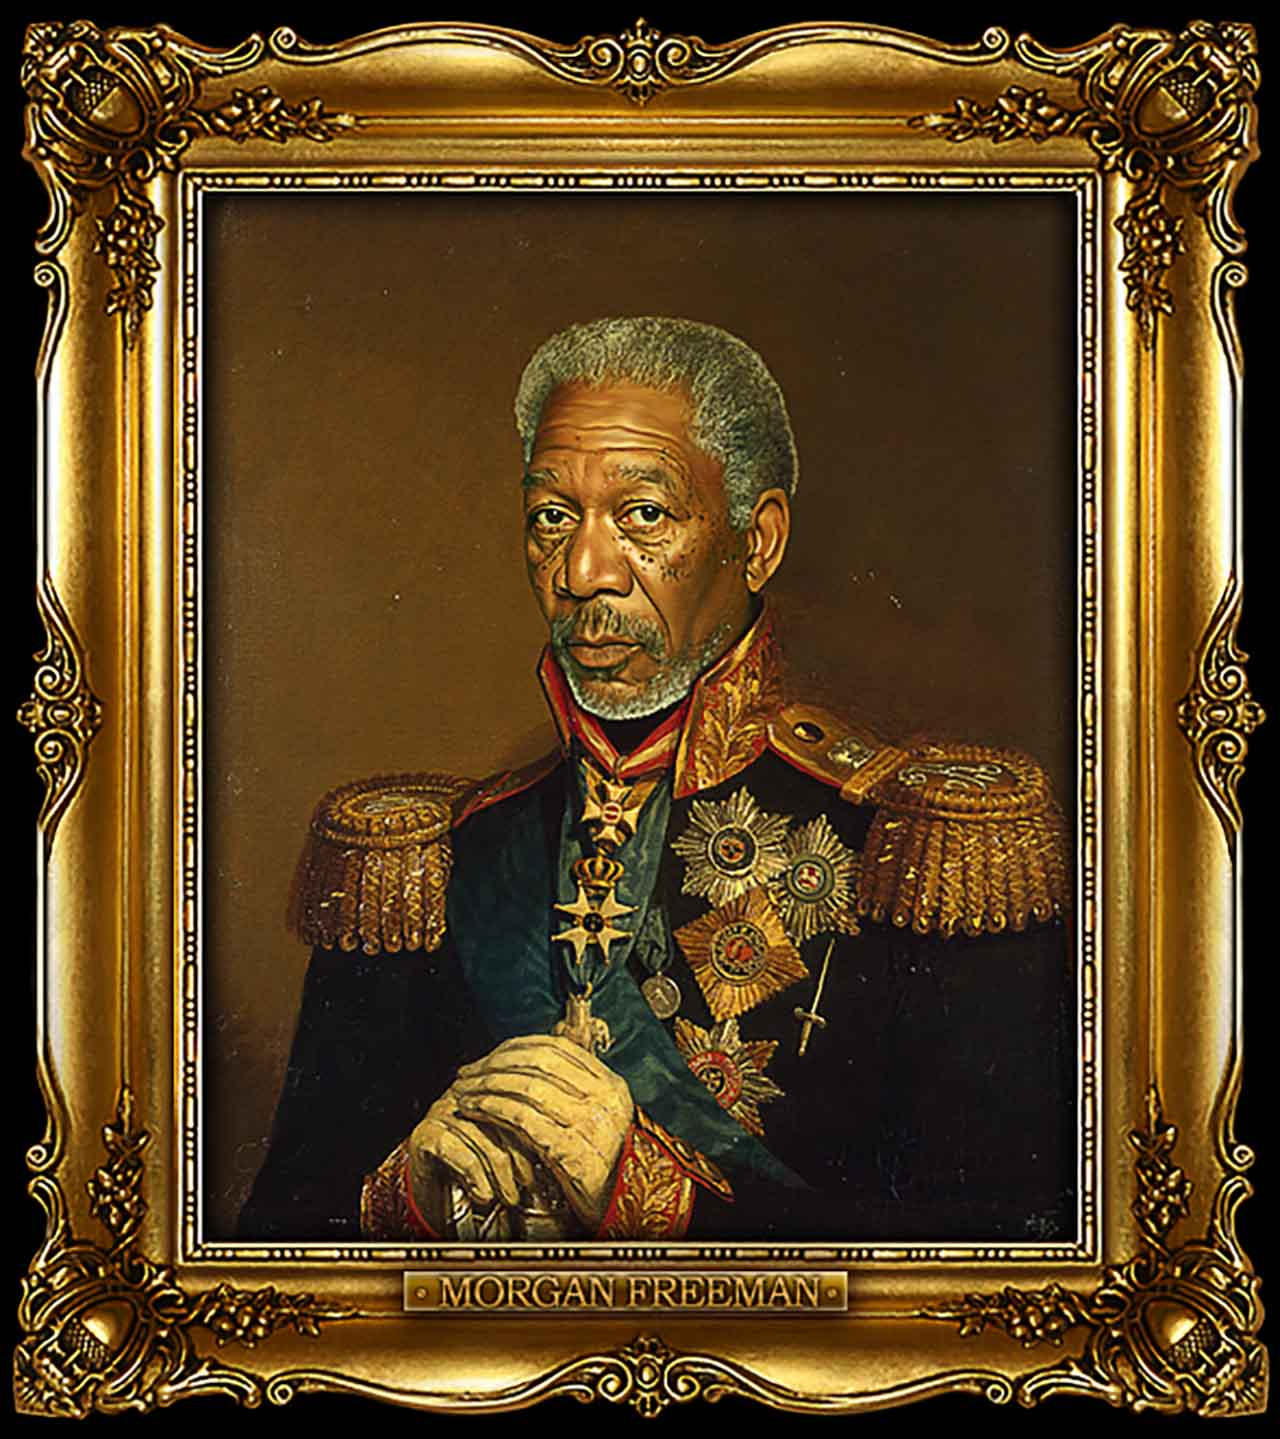 Artist Turns Famous Actors Into Russian Generals - Morgan Freeman